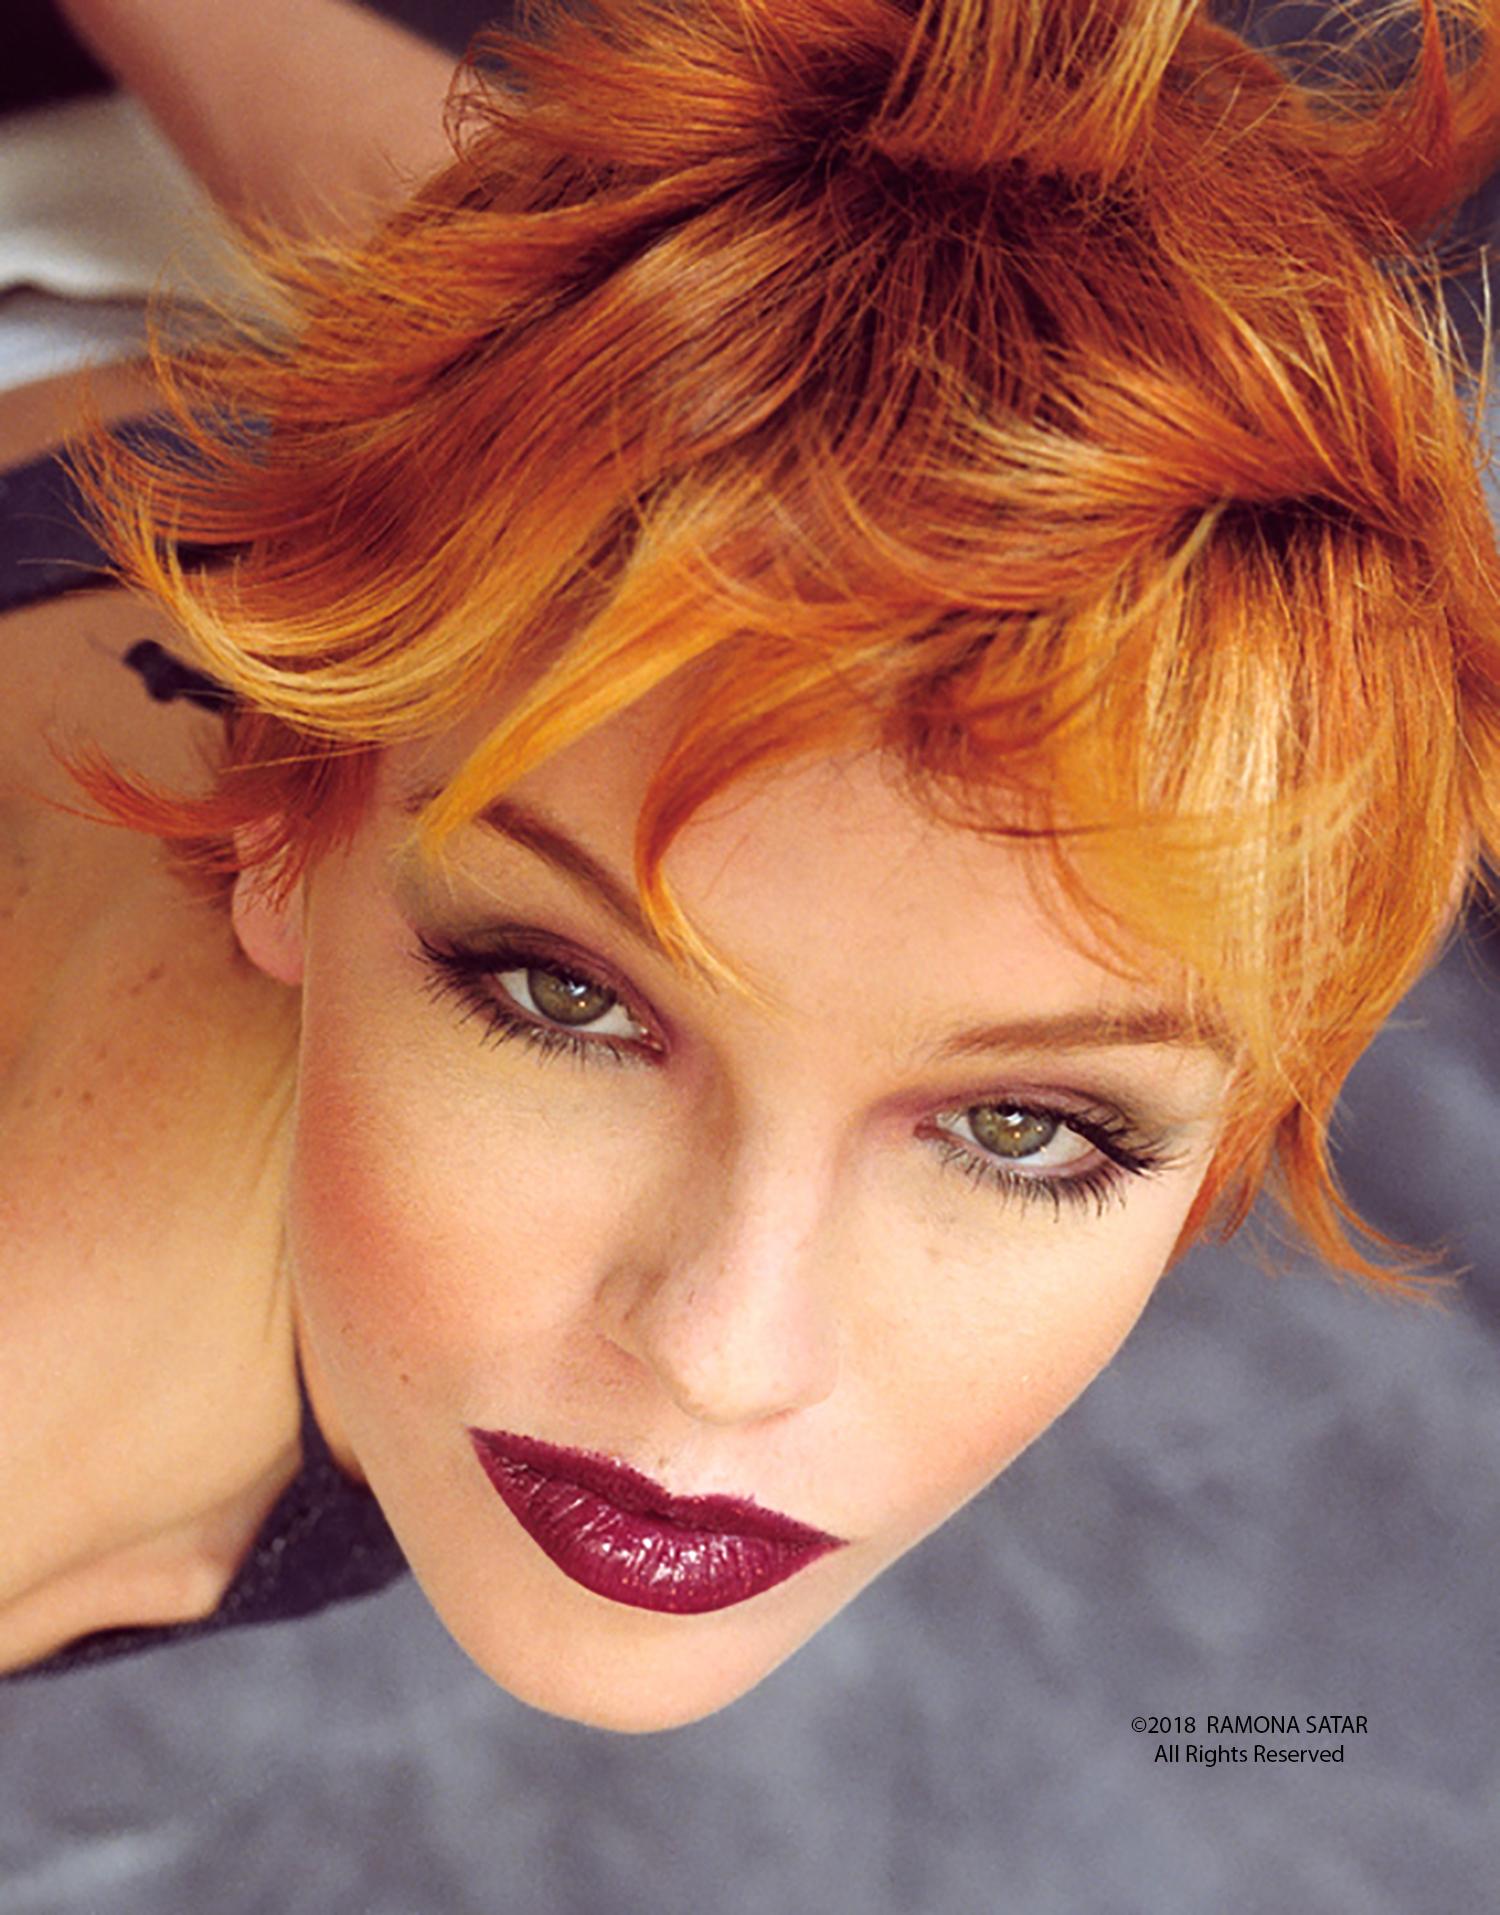 Ramona Satar Liz_01.jpg